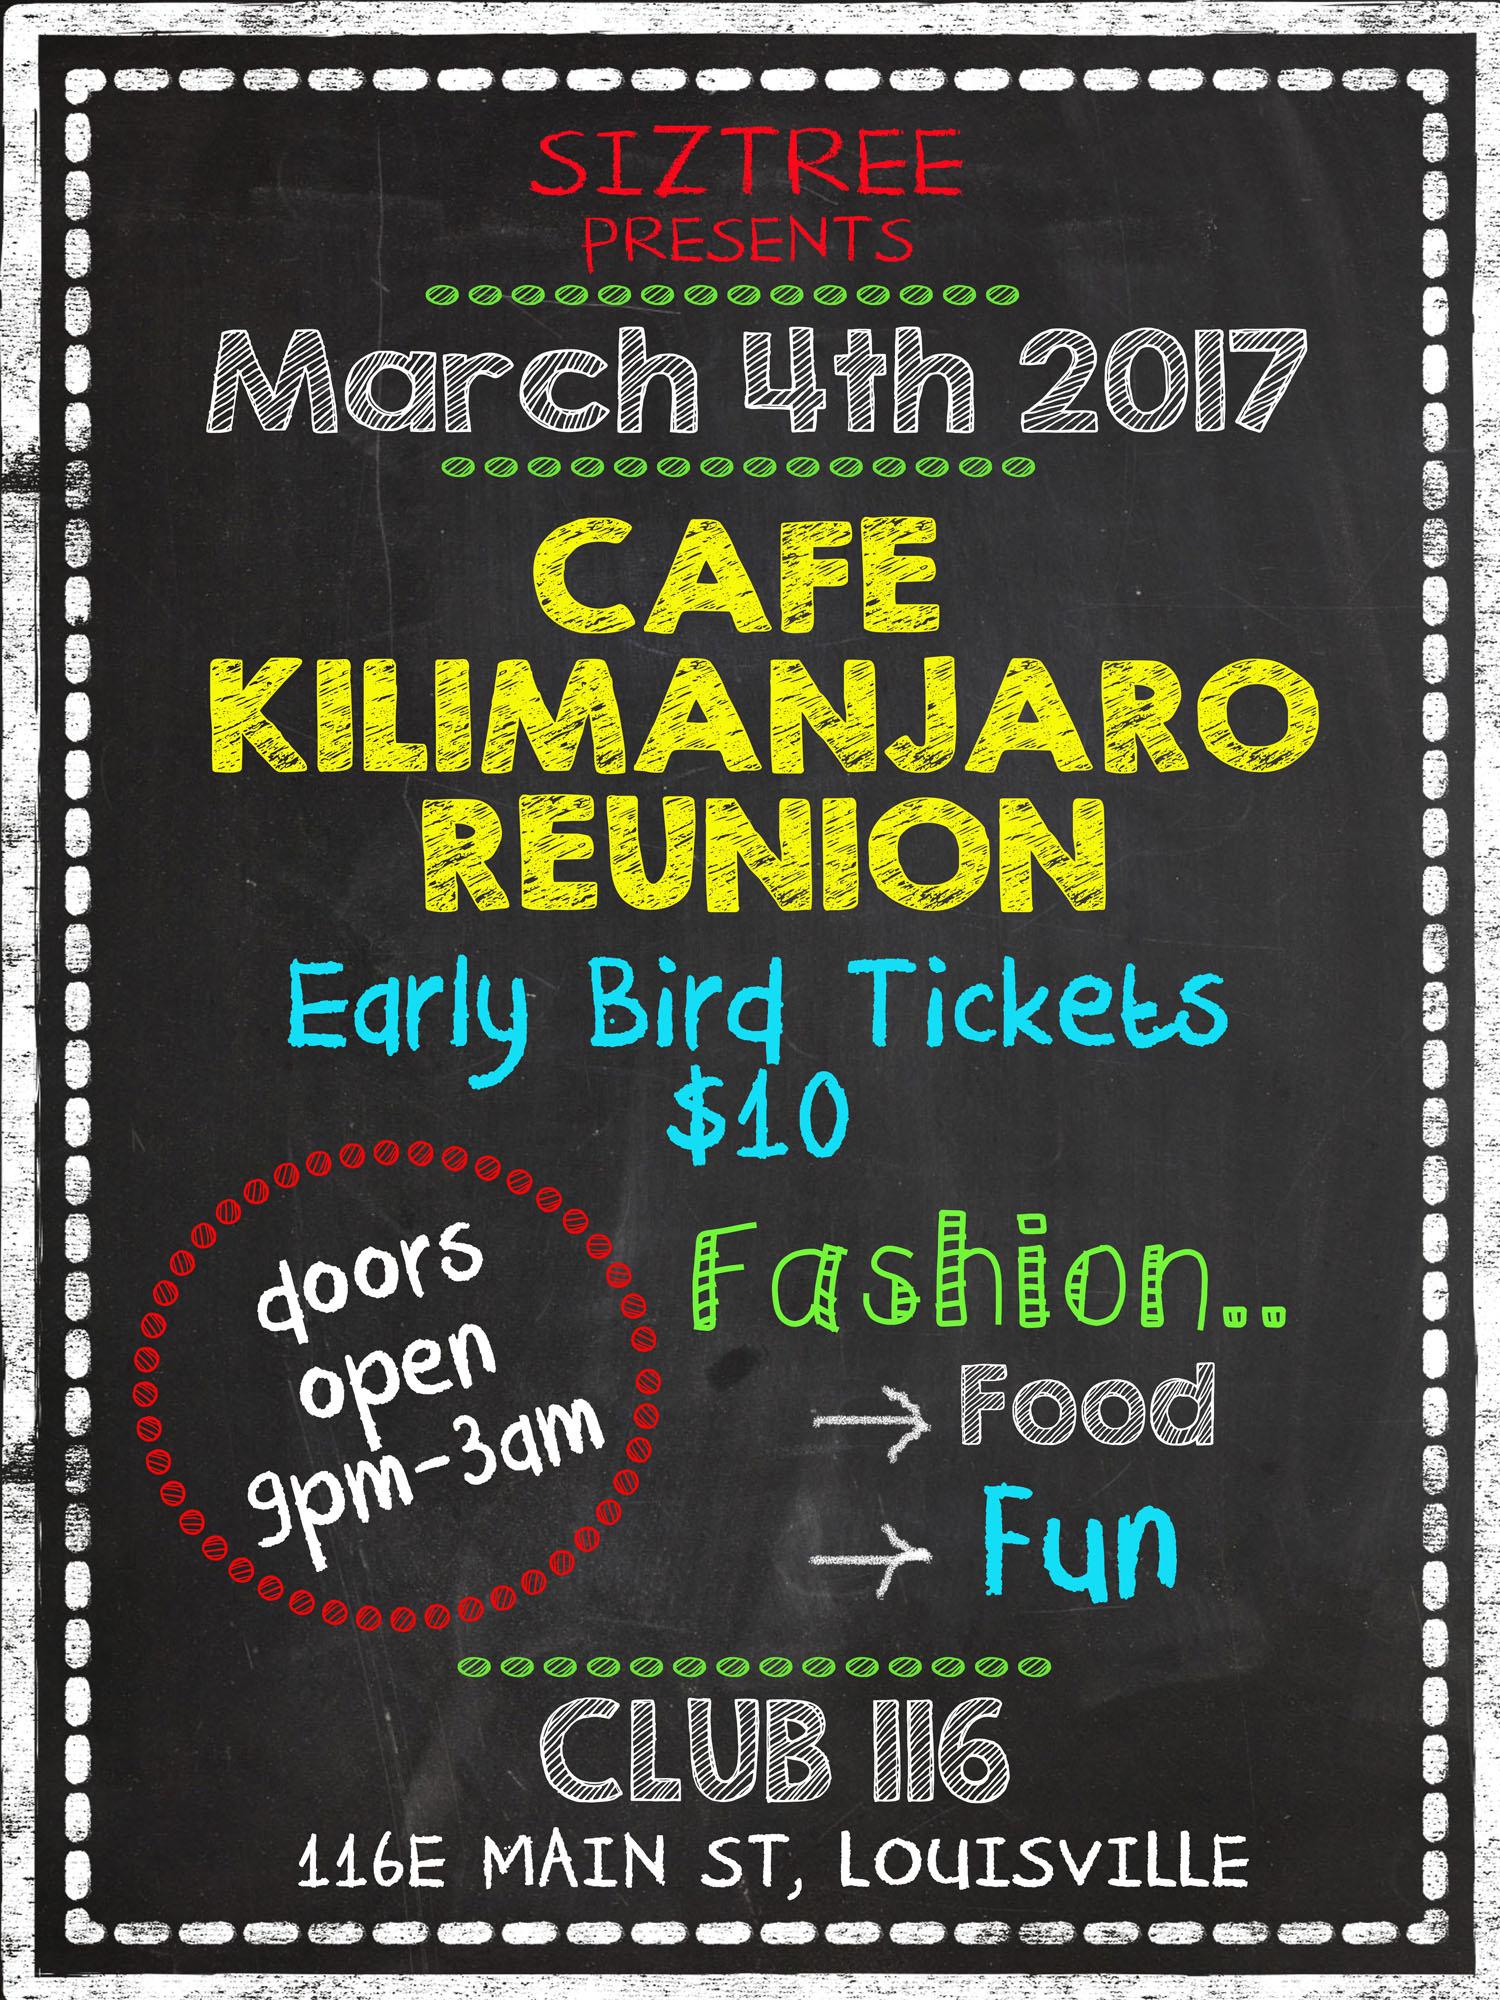 Cafe Kimimanjaro Reunion 2017